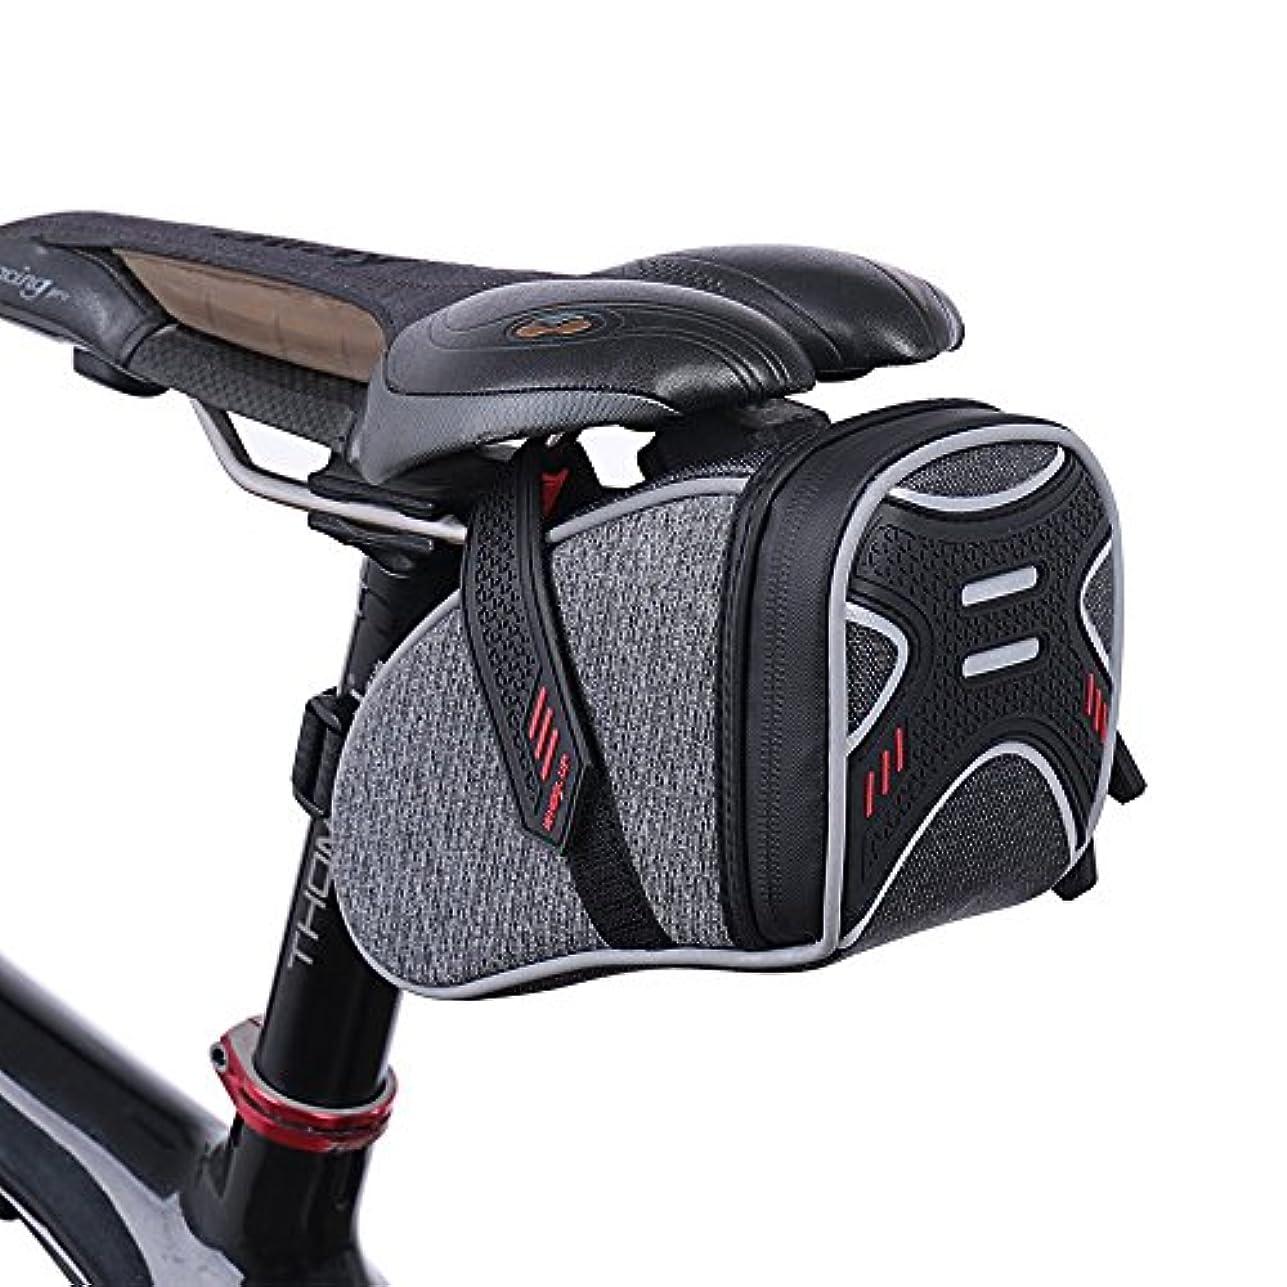 ご意見予測するみなさん自転車サドルバッグ - 反射自転車シートバッグバイクテールバッグ修復ツールポケットマウンテンロードサイクリングリアシートウェッジパック